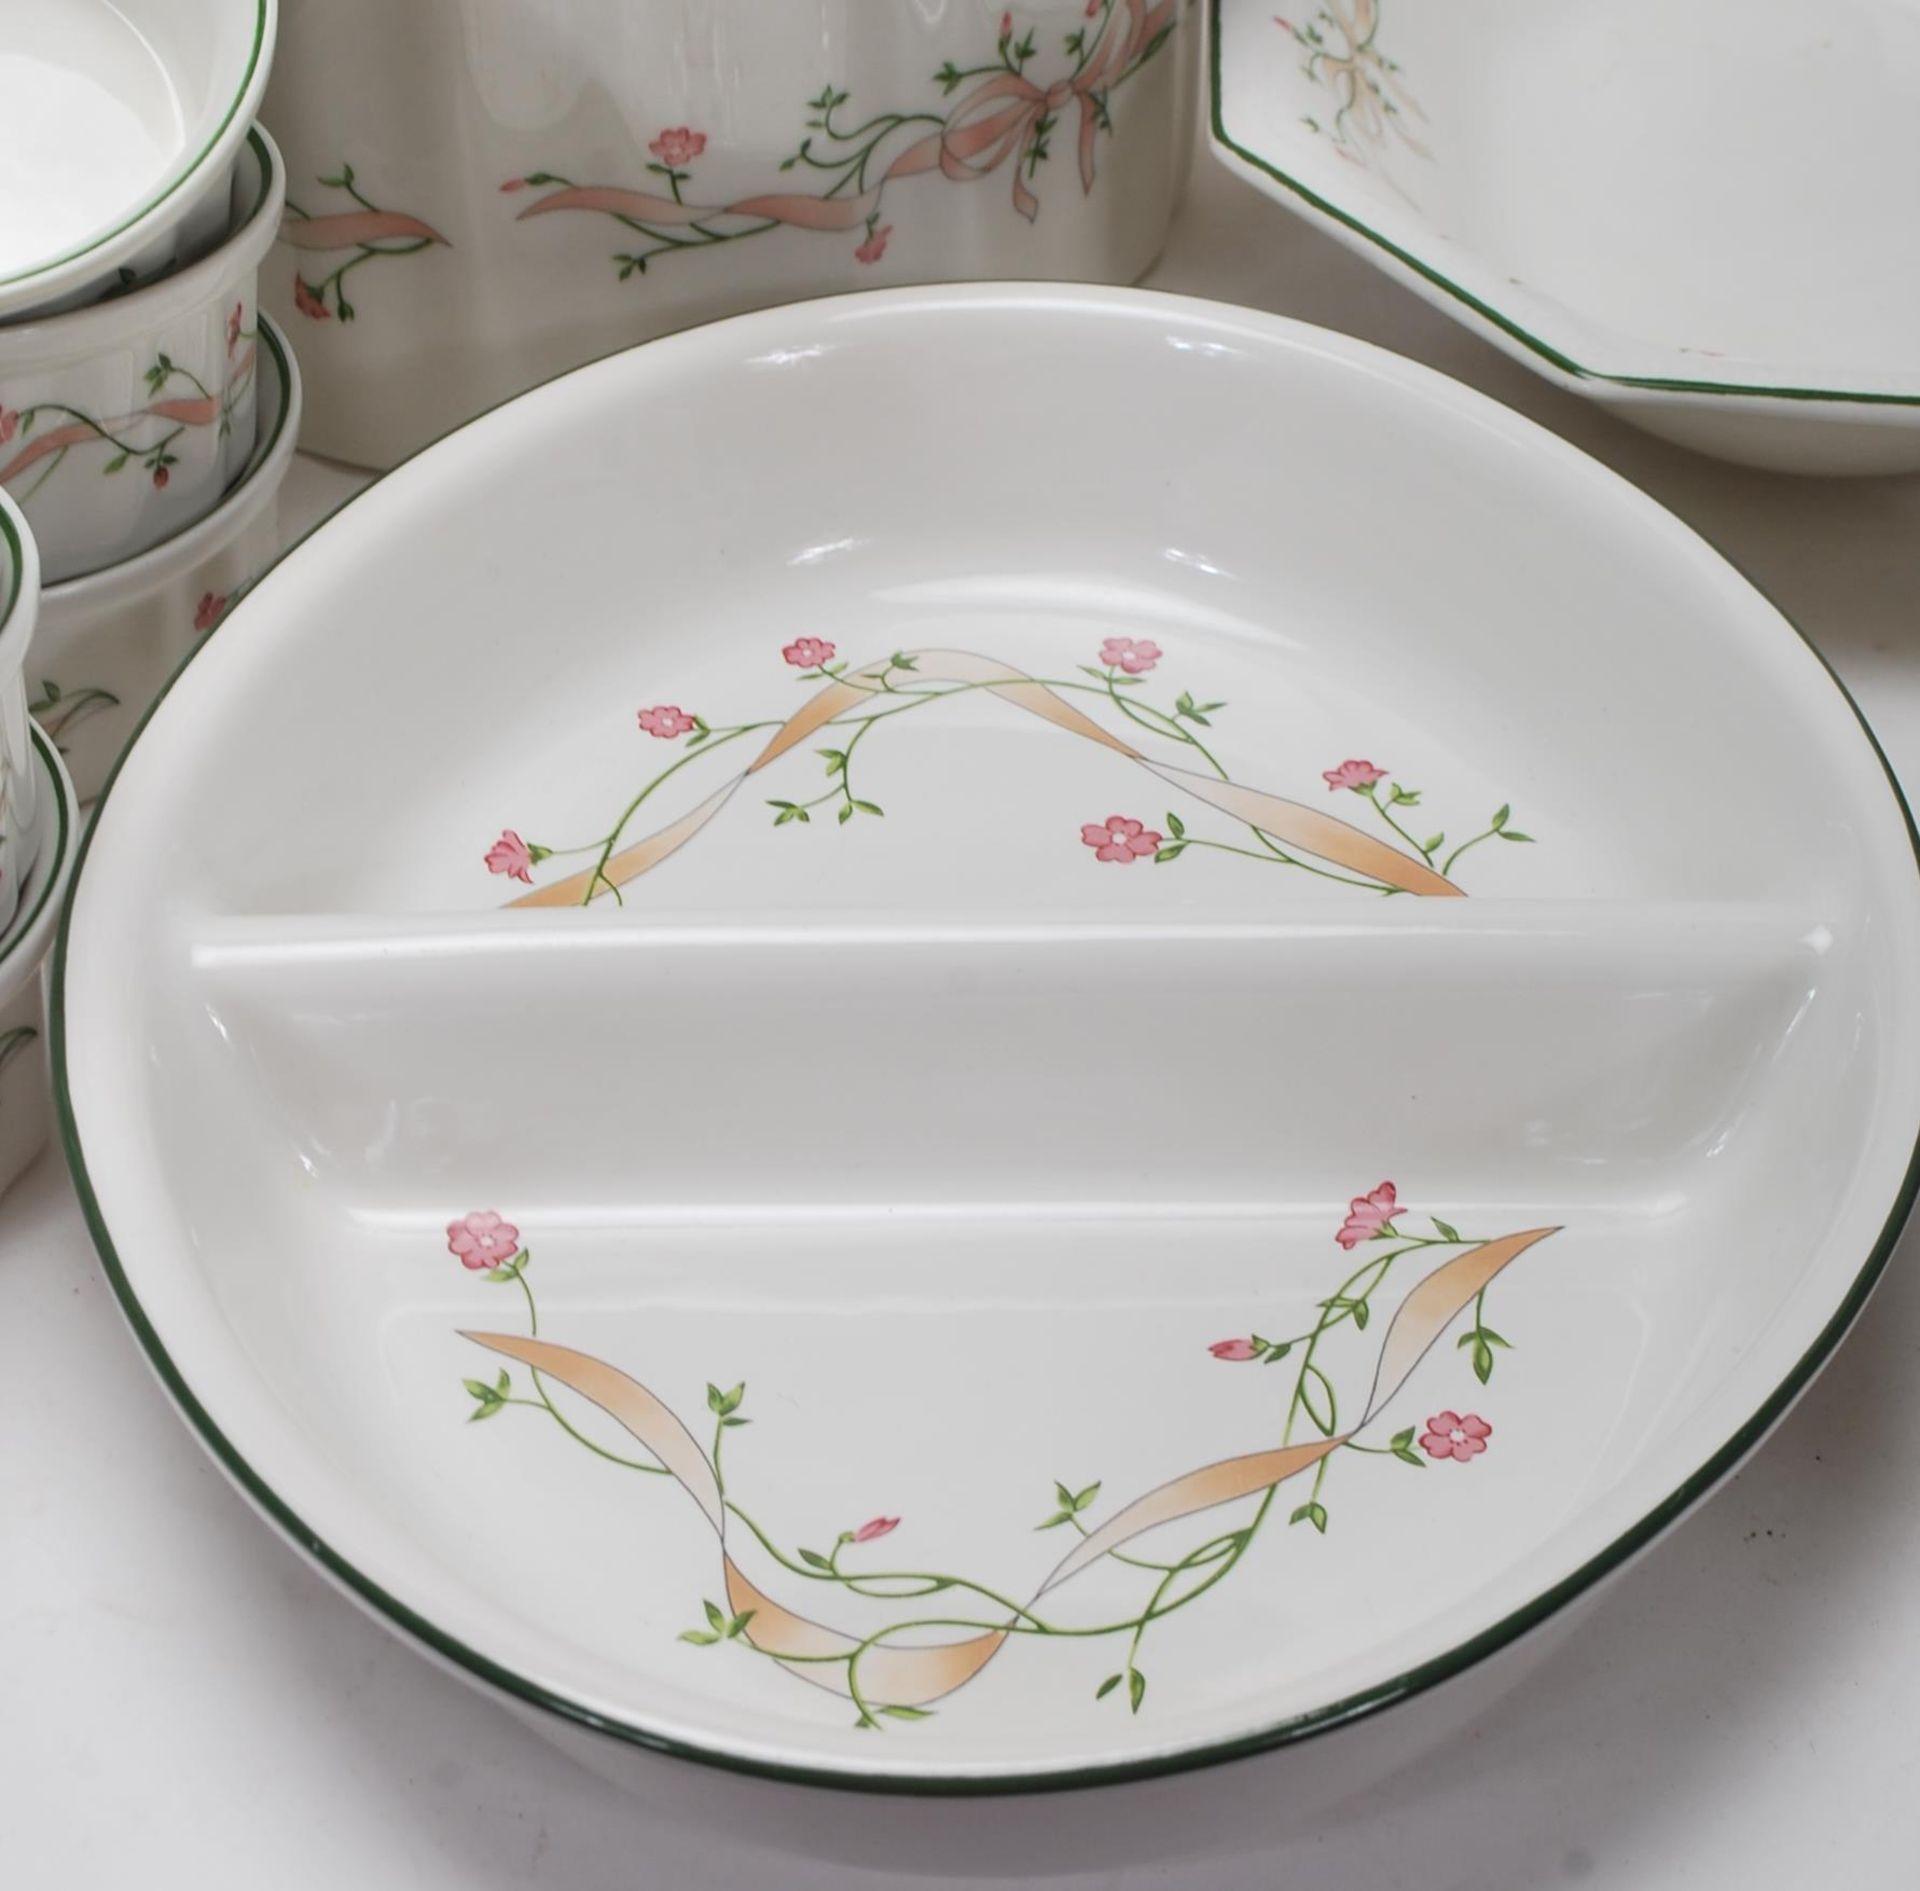 LAARGE DINNER SERVICE BY JOHNSON BROS ETERNAL BEAU - Image 6 of 19